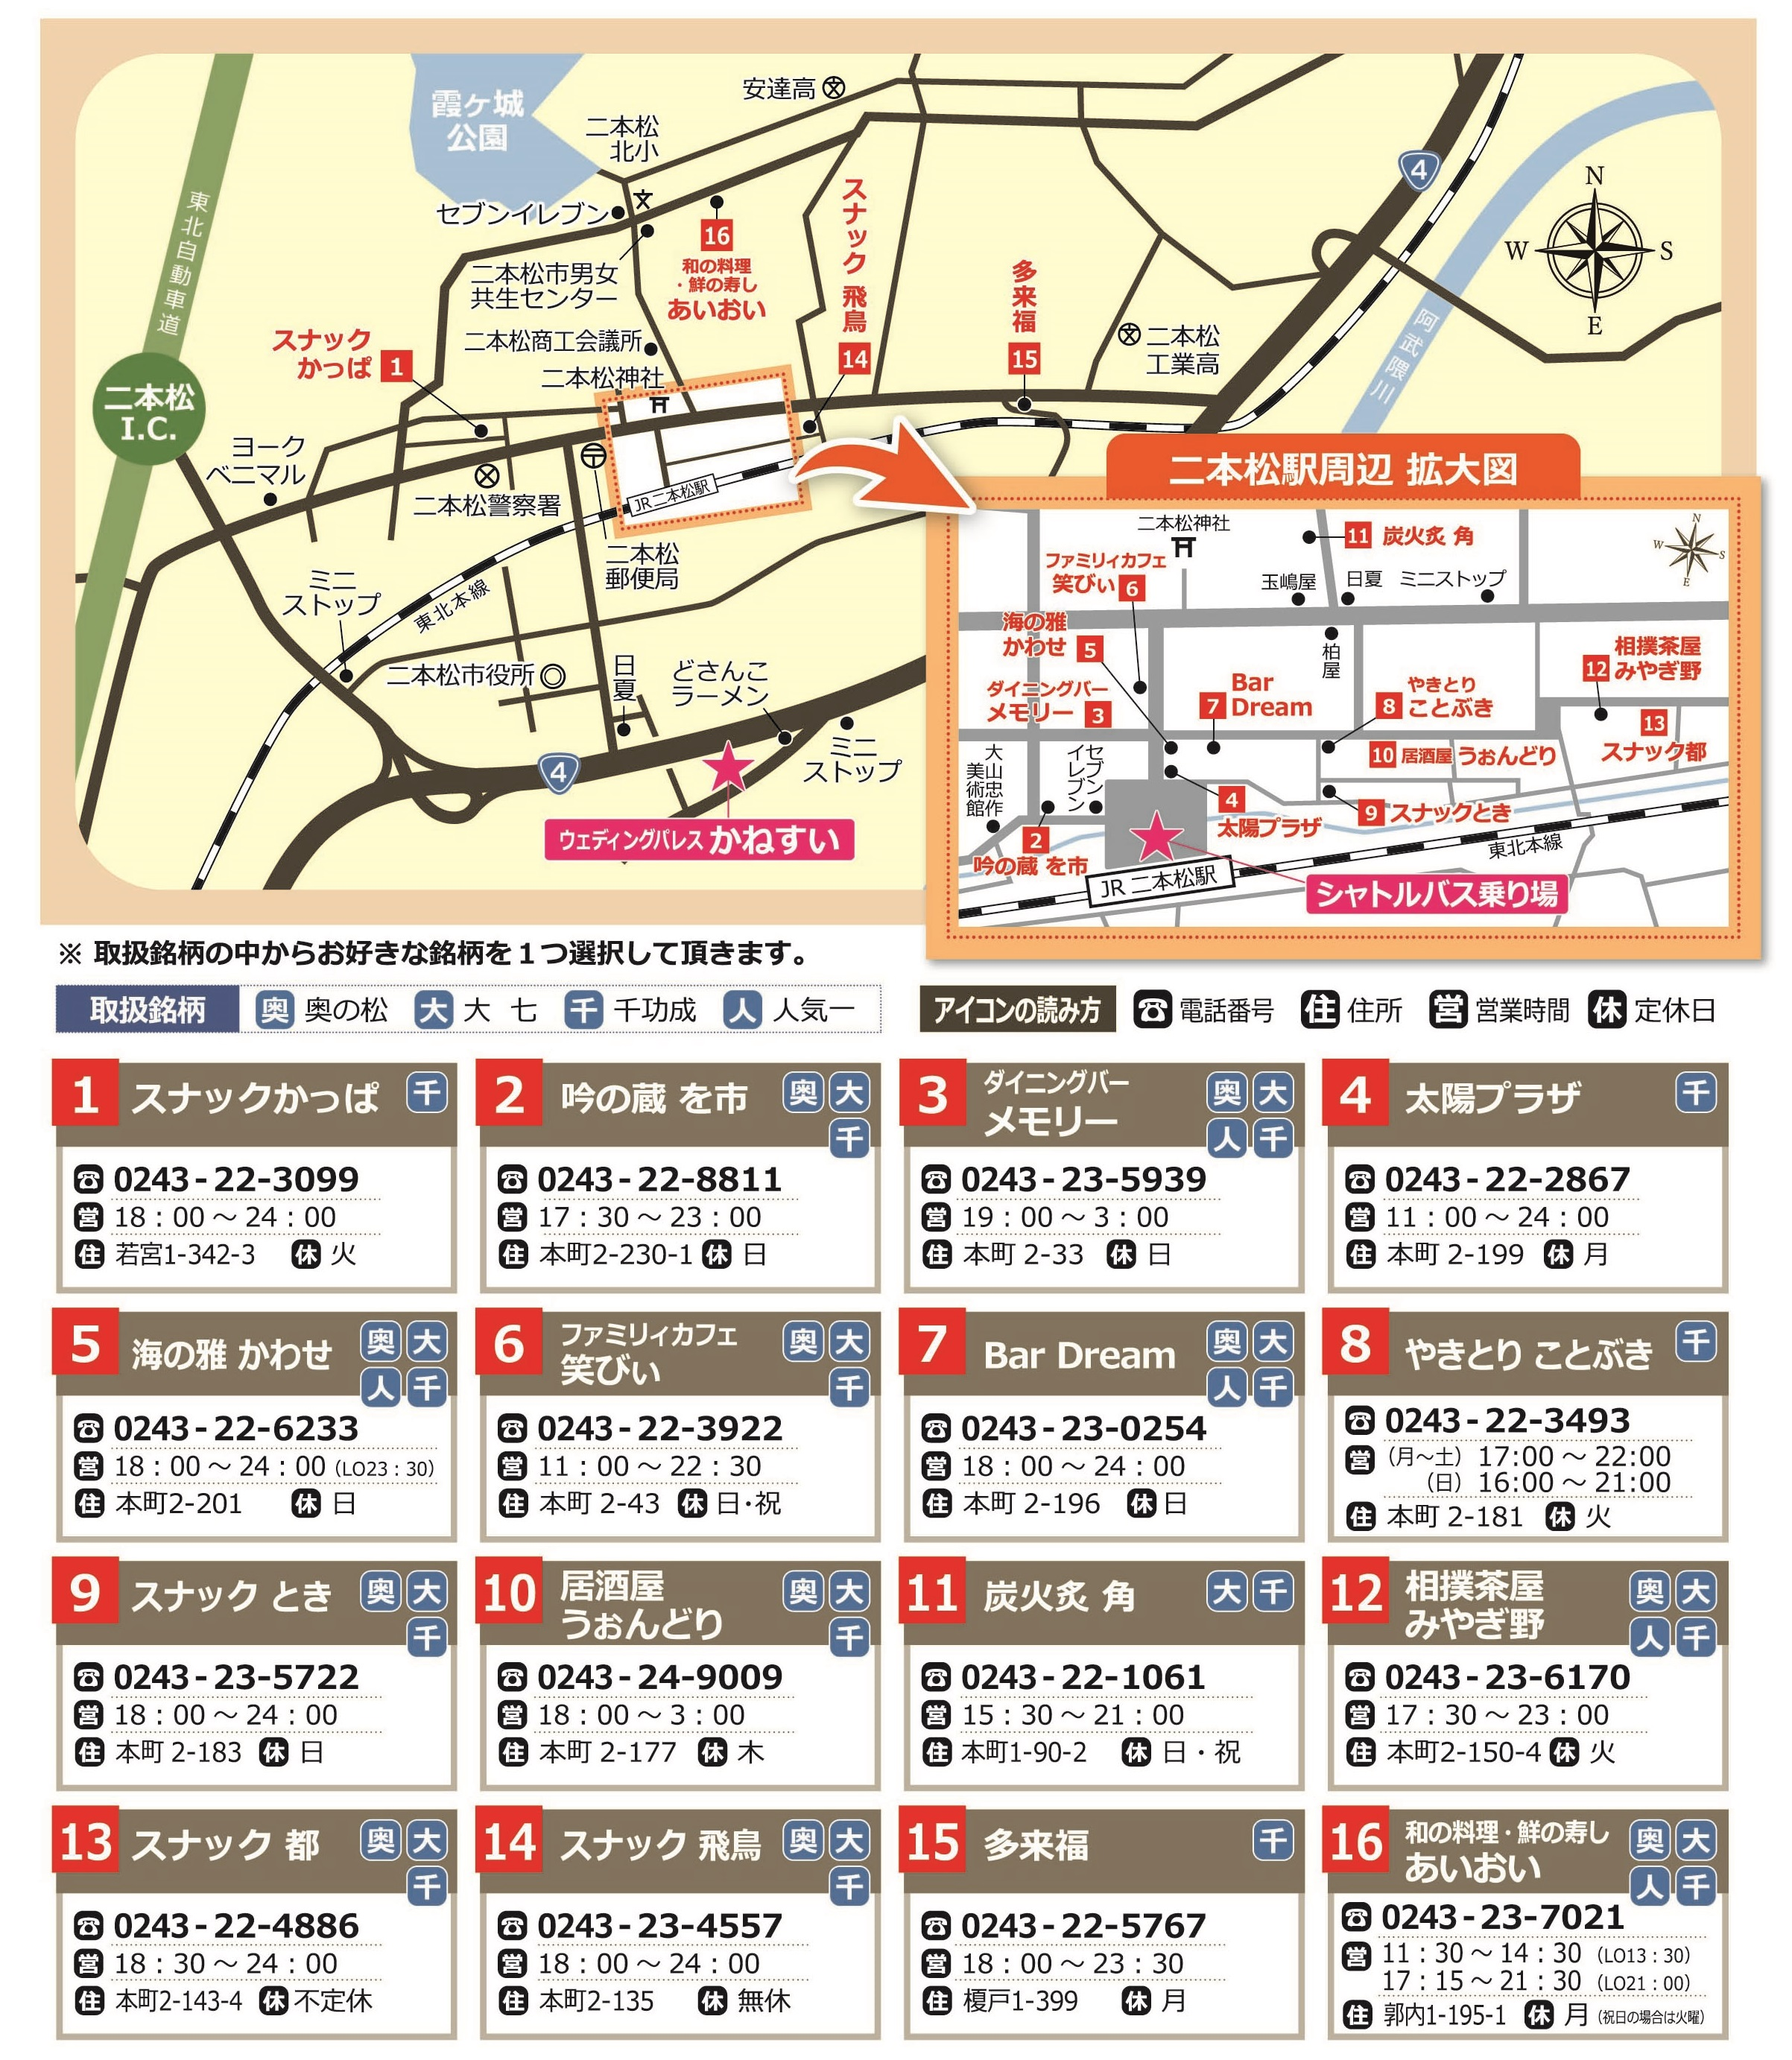 N-30-11-01 酒まつりA4チラシ_入稿_裏